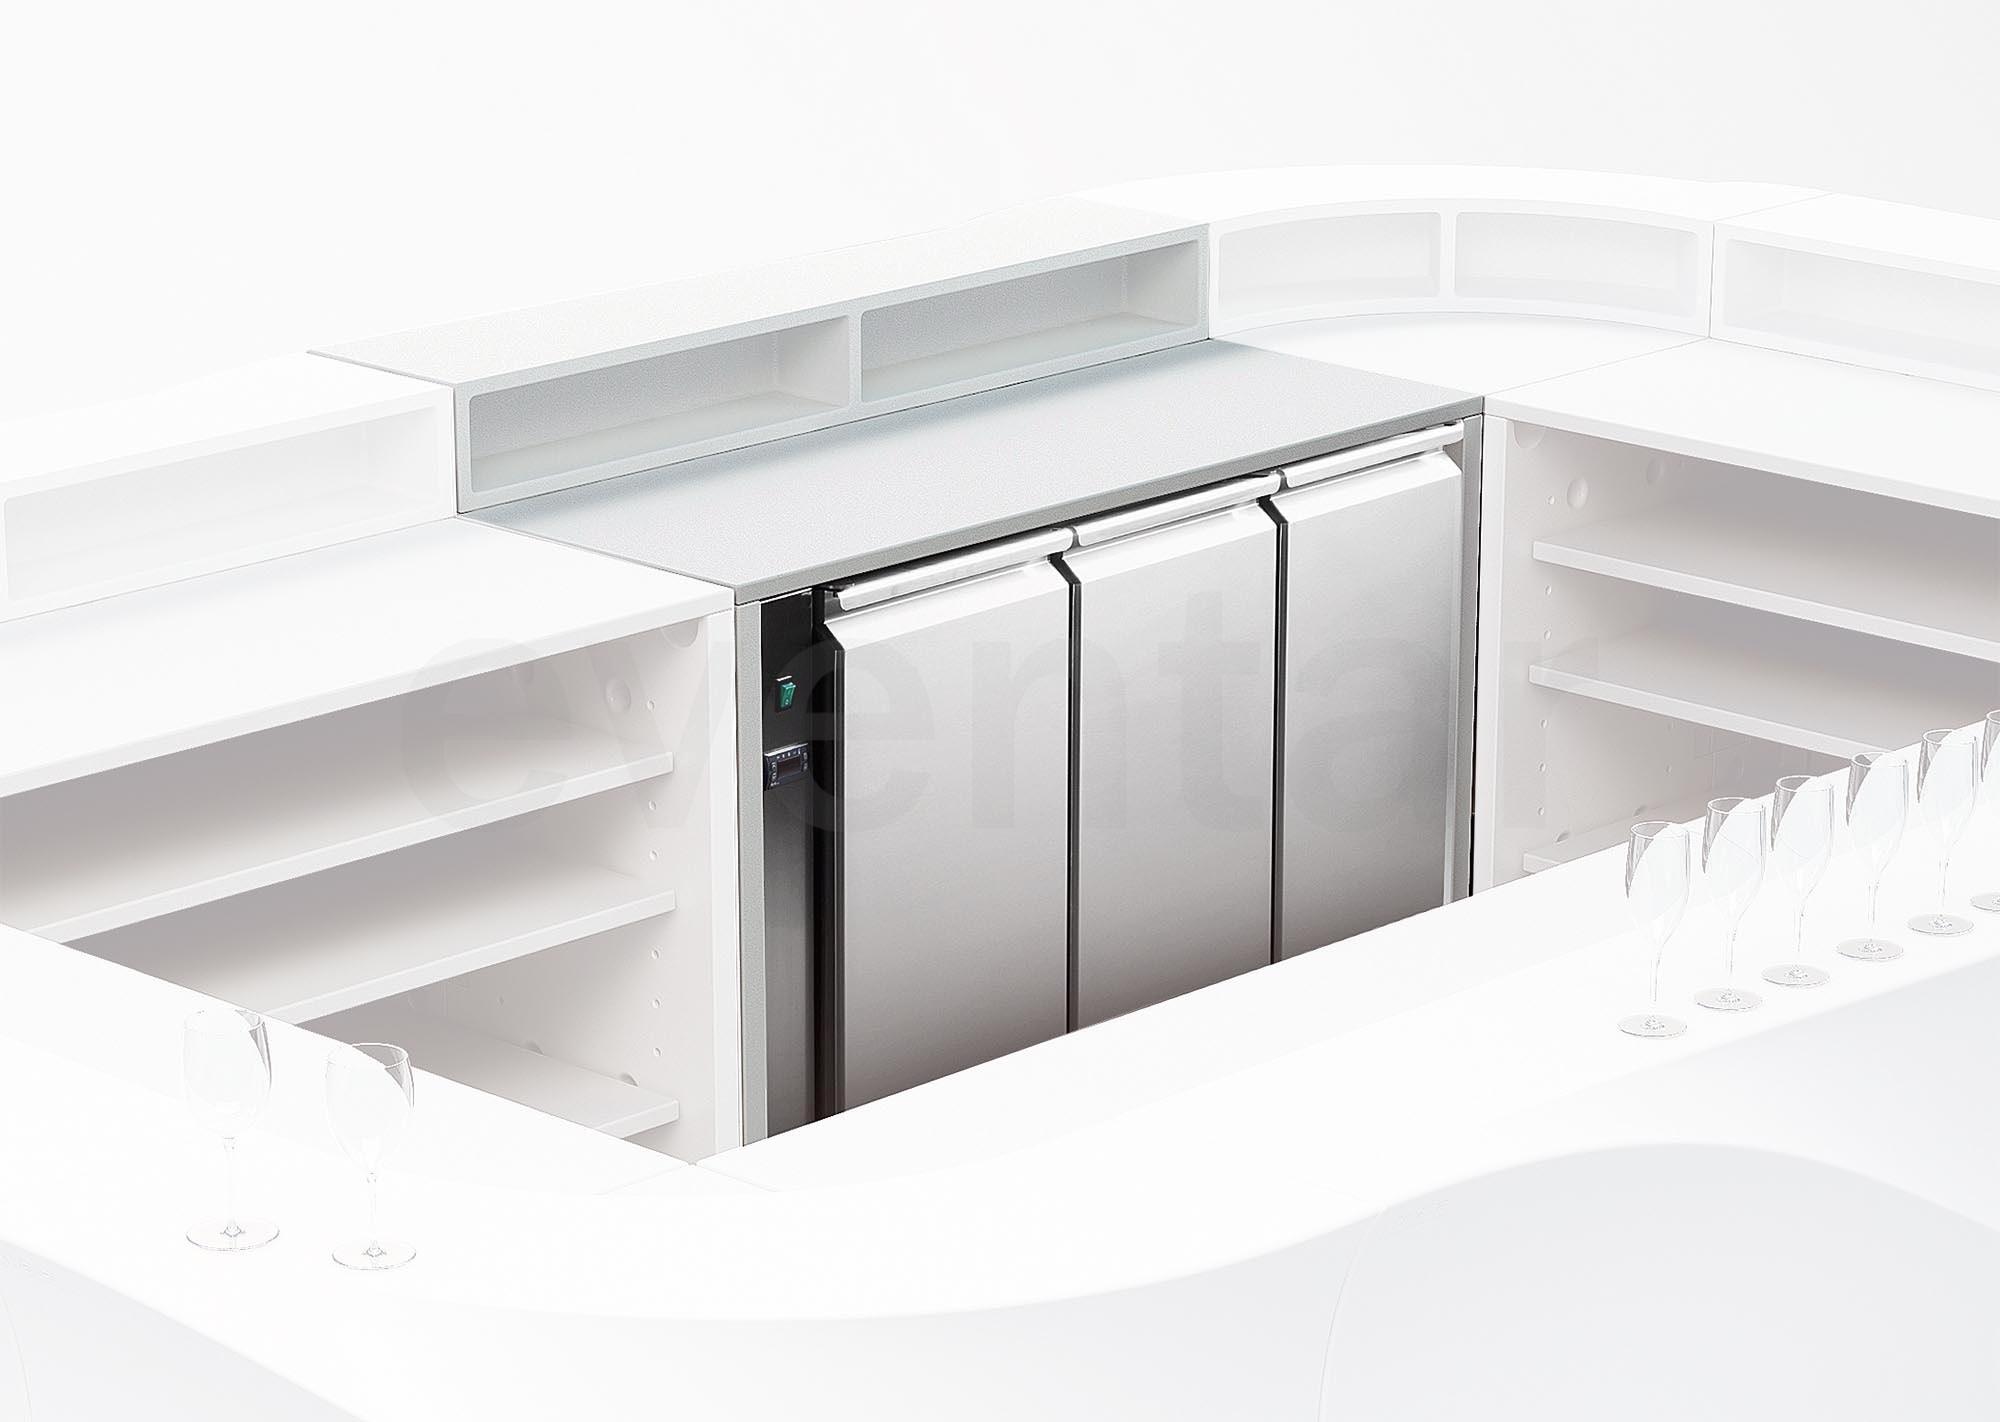 Aufbau Kühlschrank Zubehör : KÜhlschrank mit motoru2013 baraonda bar zubehör eventar shop für